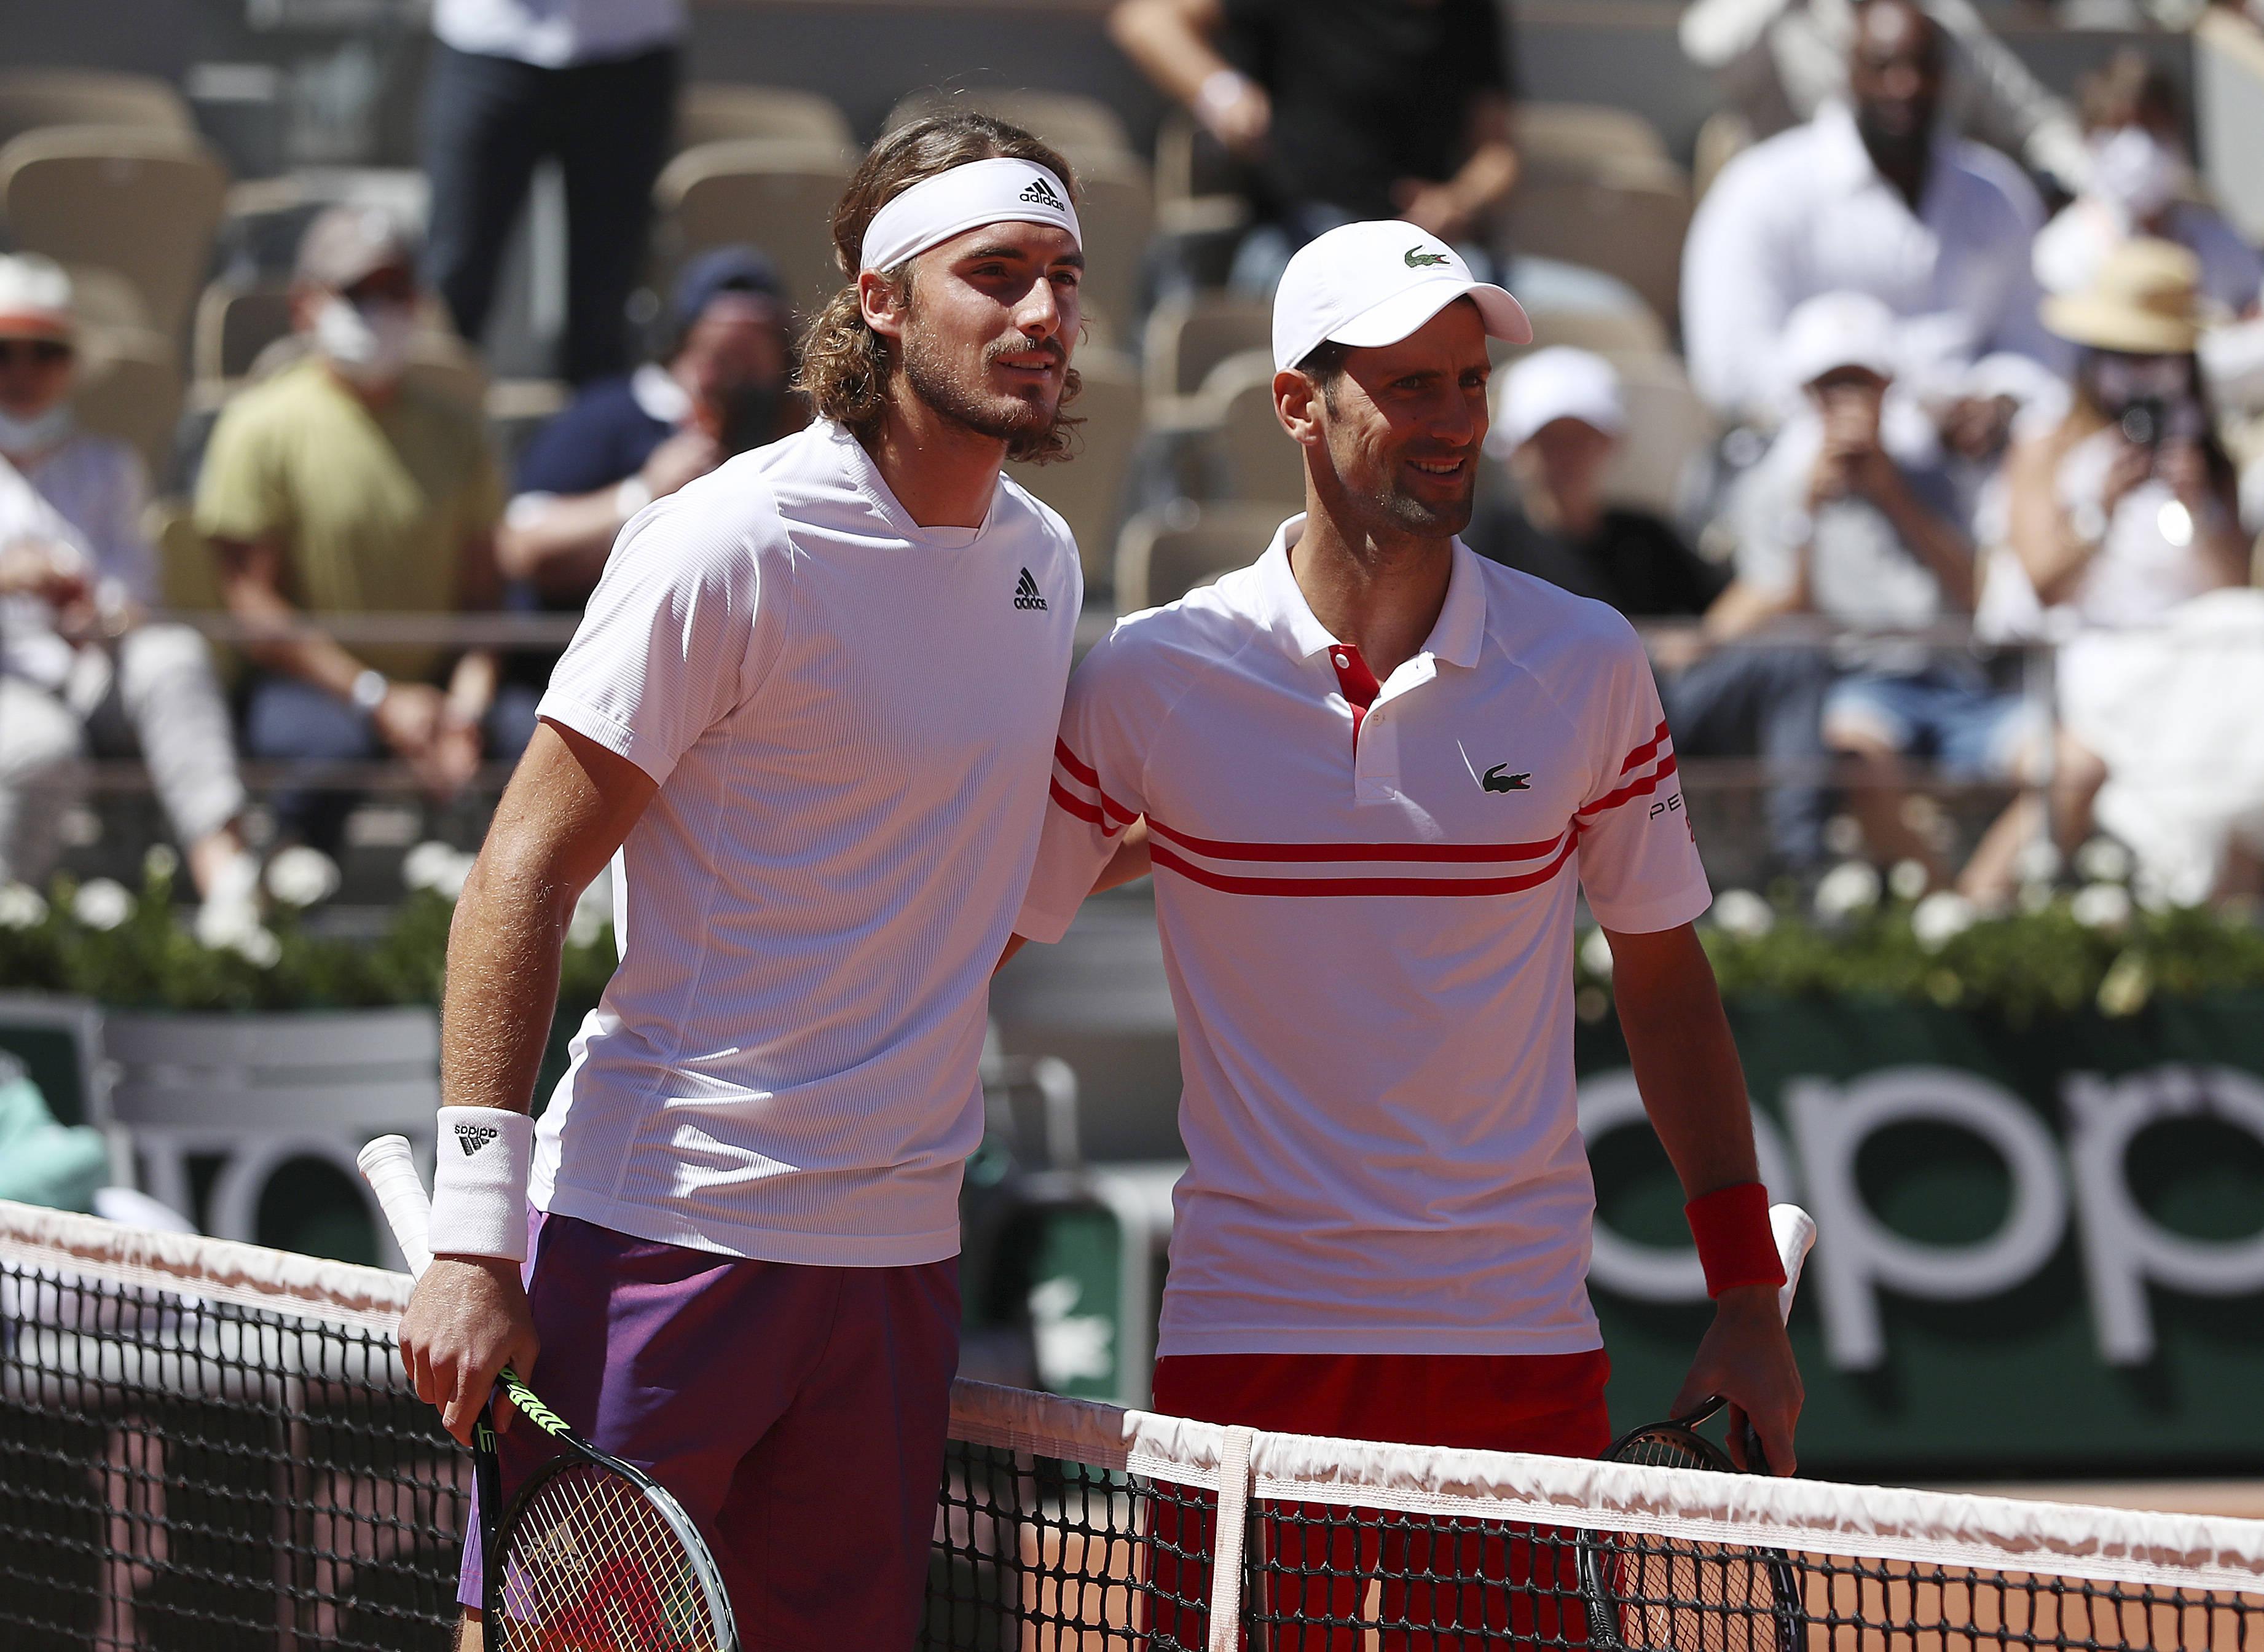 网球——法网男单决赛:焦科维奇对阵齐齐帕斯